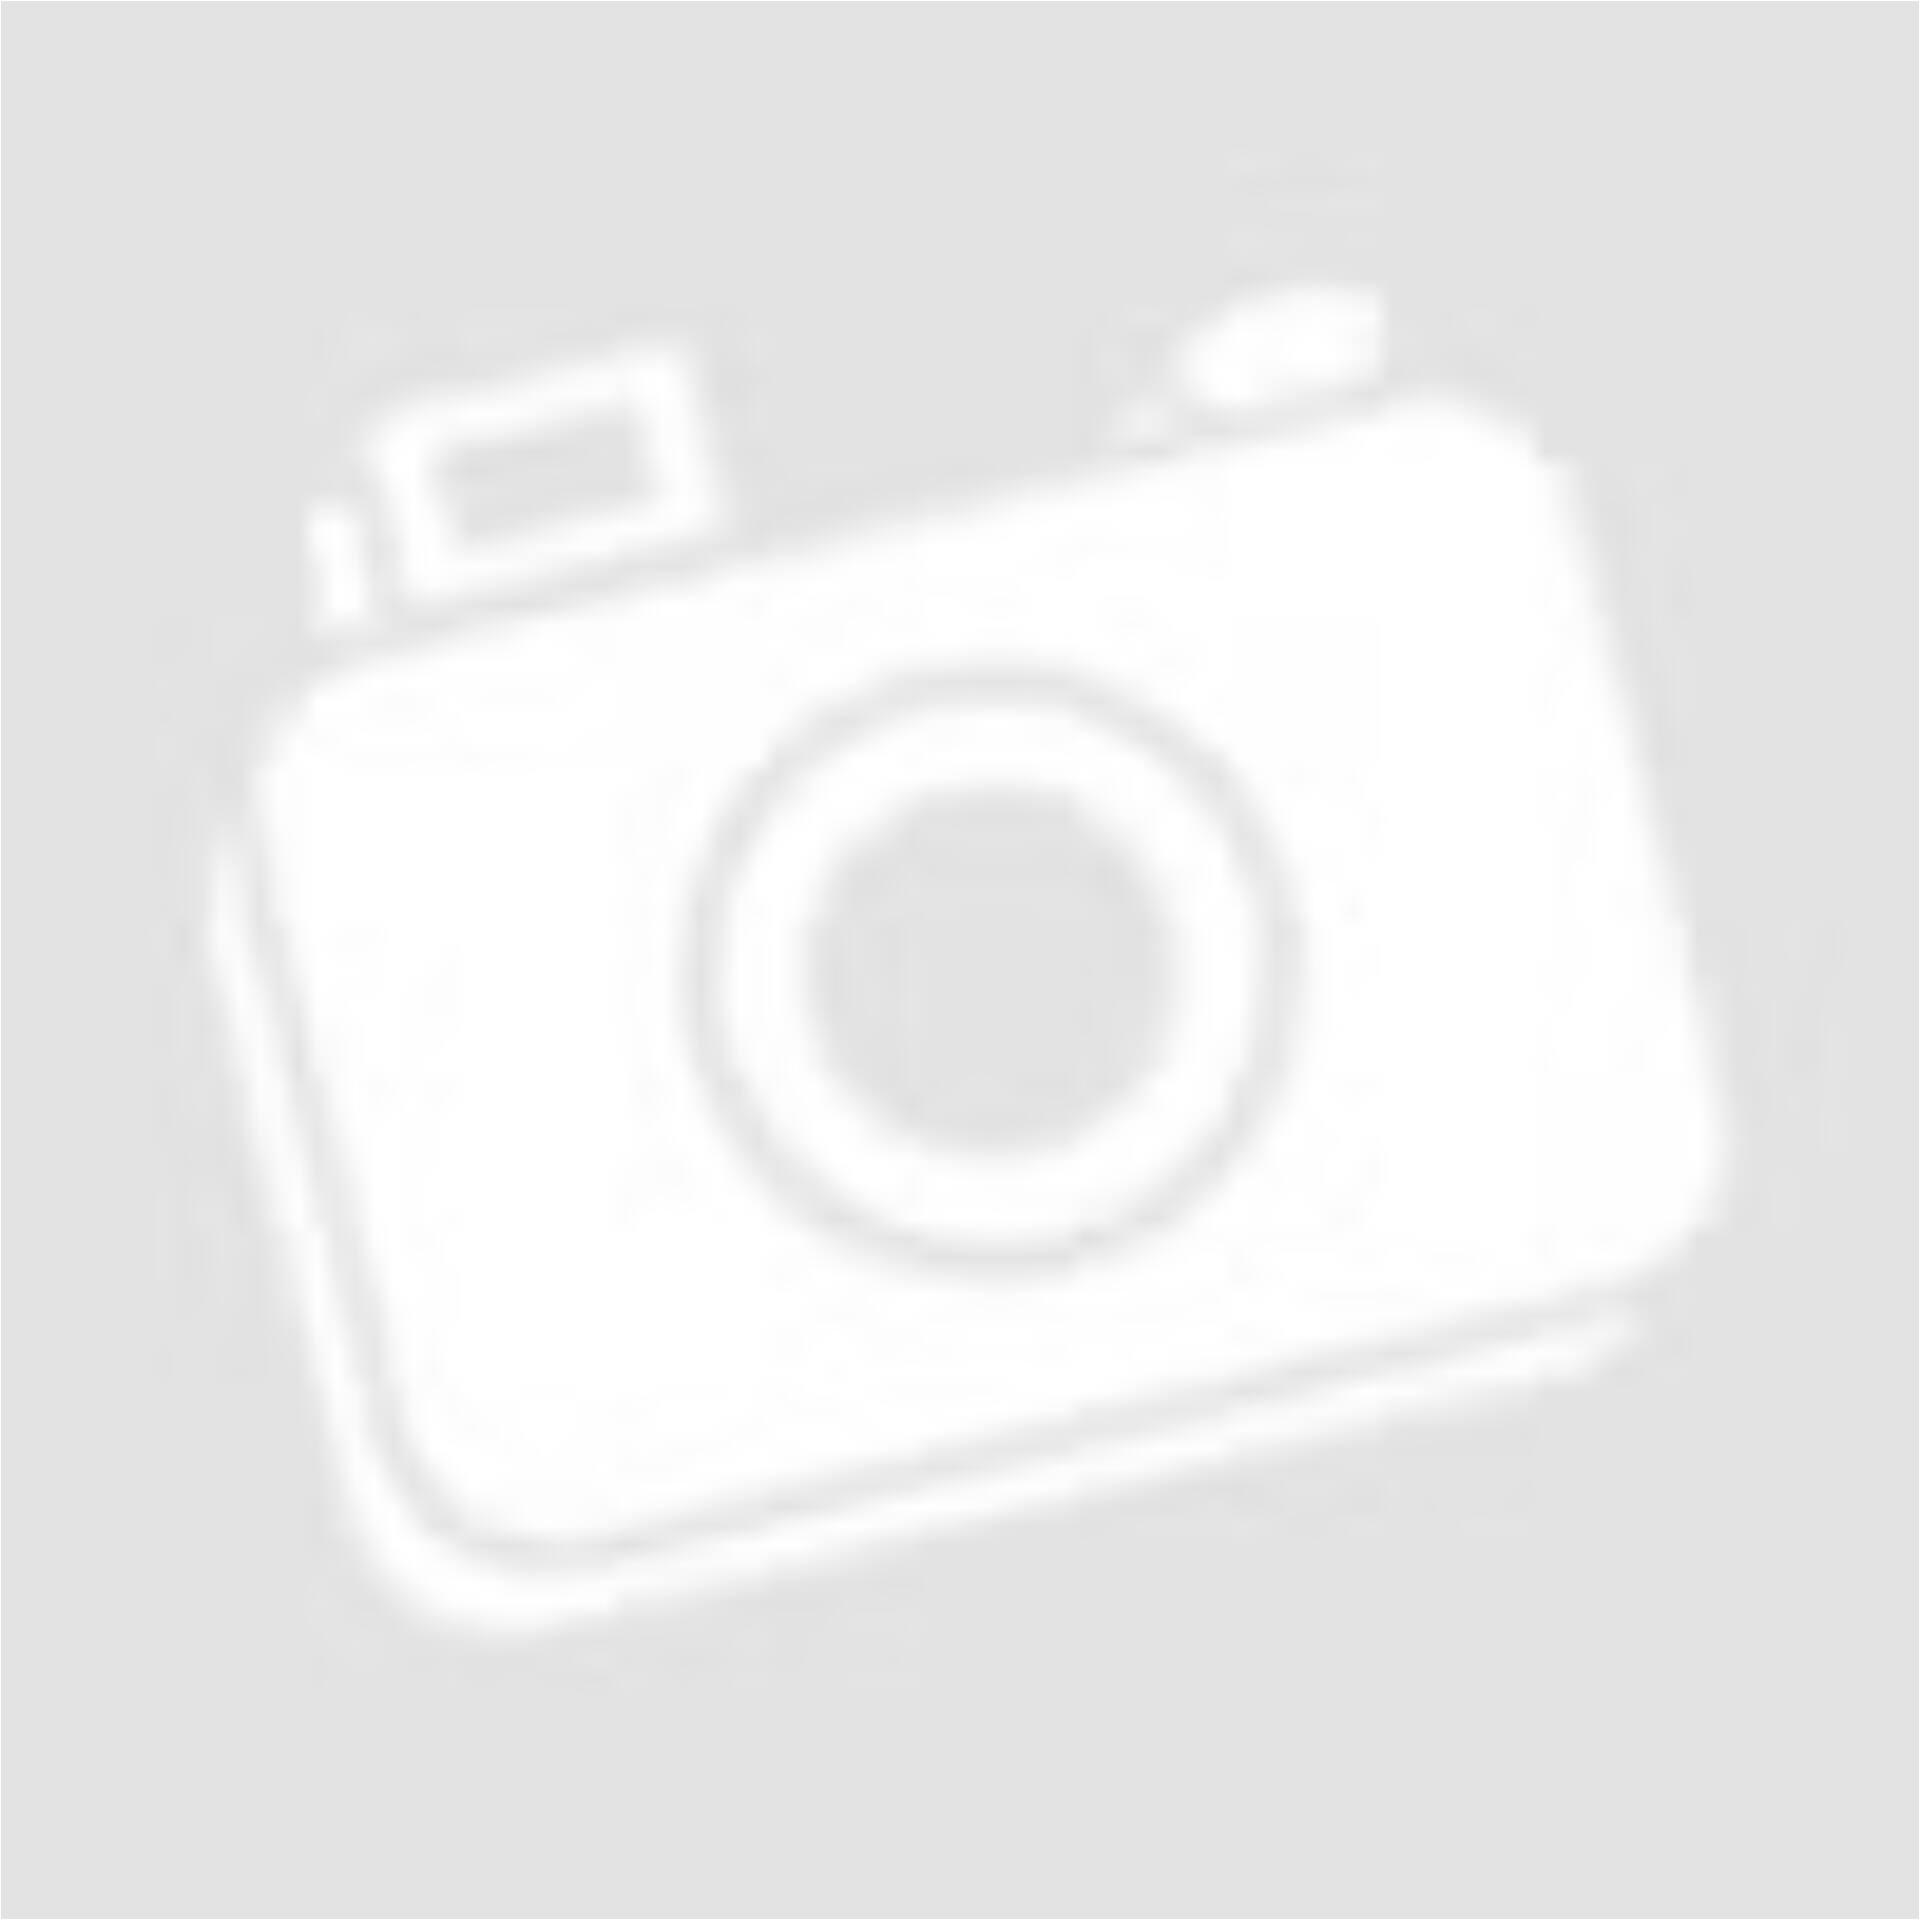 8ebe181ed4 Olívazöld színű H&M overál - Lány szoknya, ruha - Öltözz ki ...